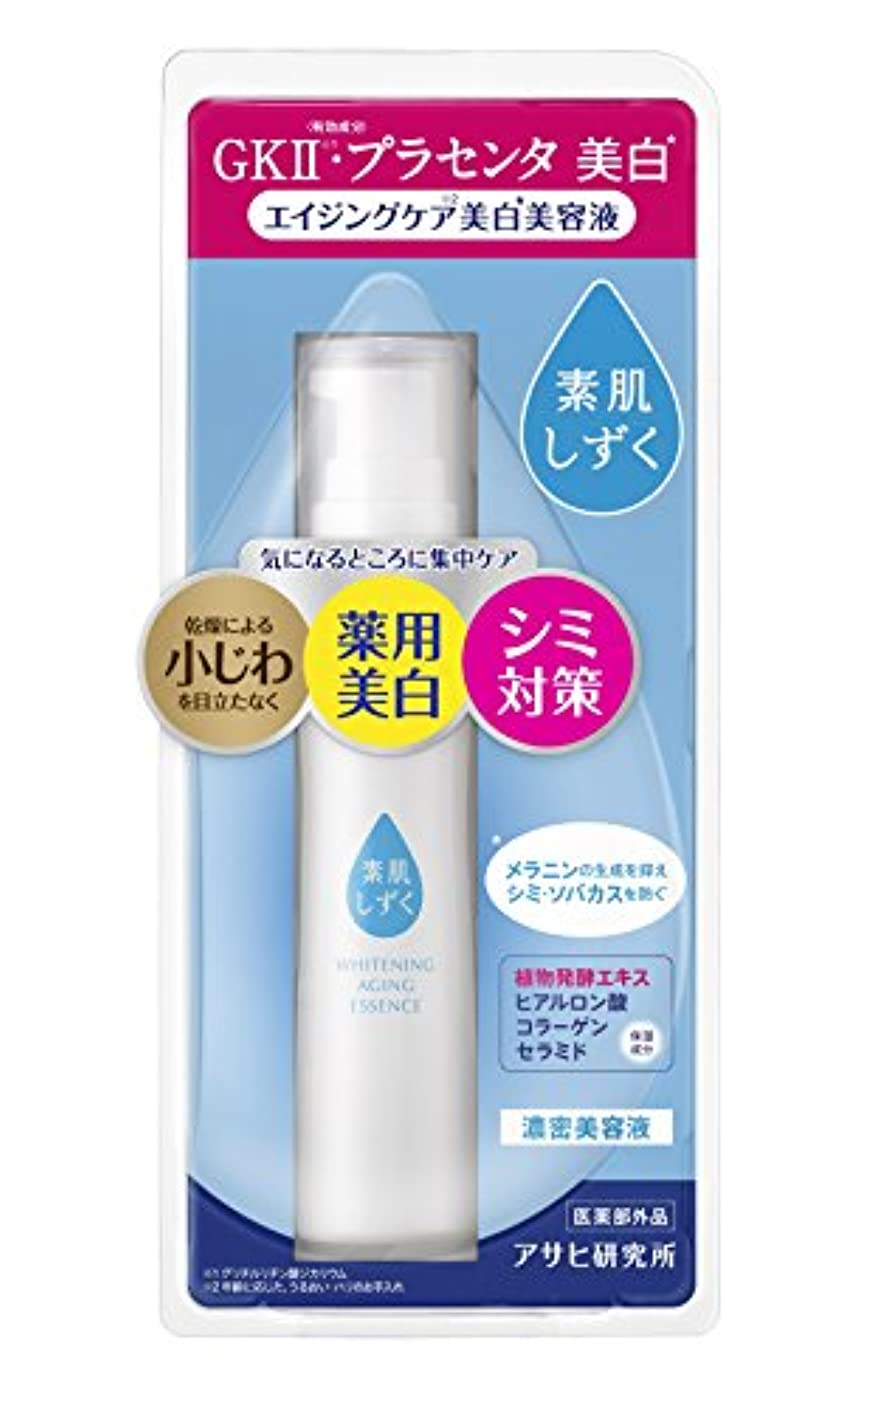 億上向き【医薬部外品】素肌しずく エイジング美白美容液 45ml